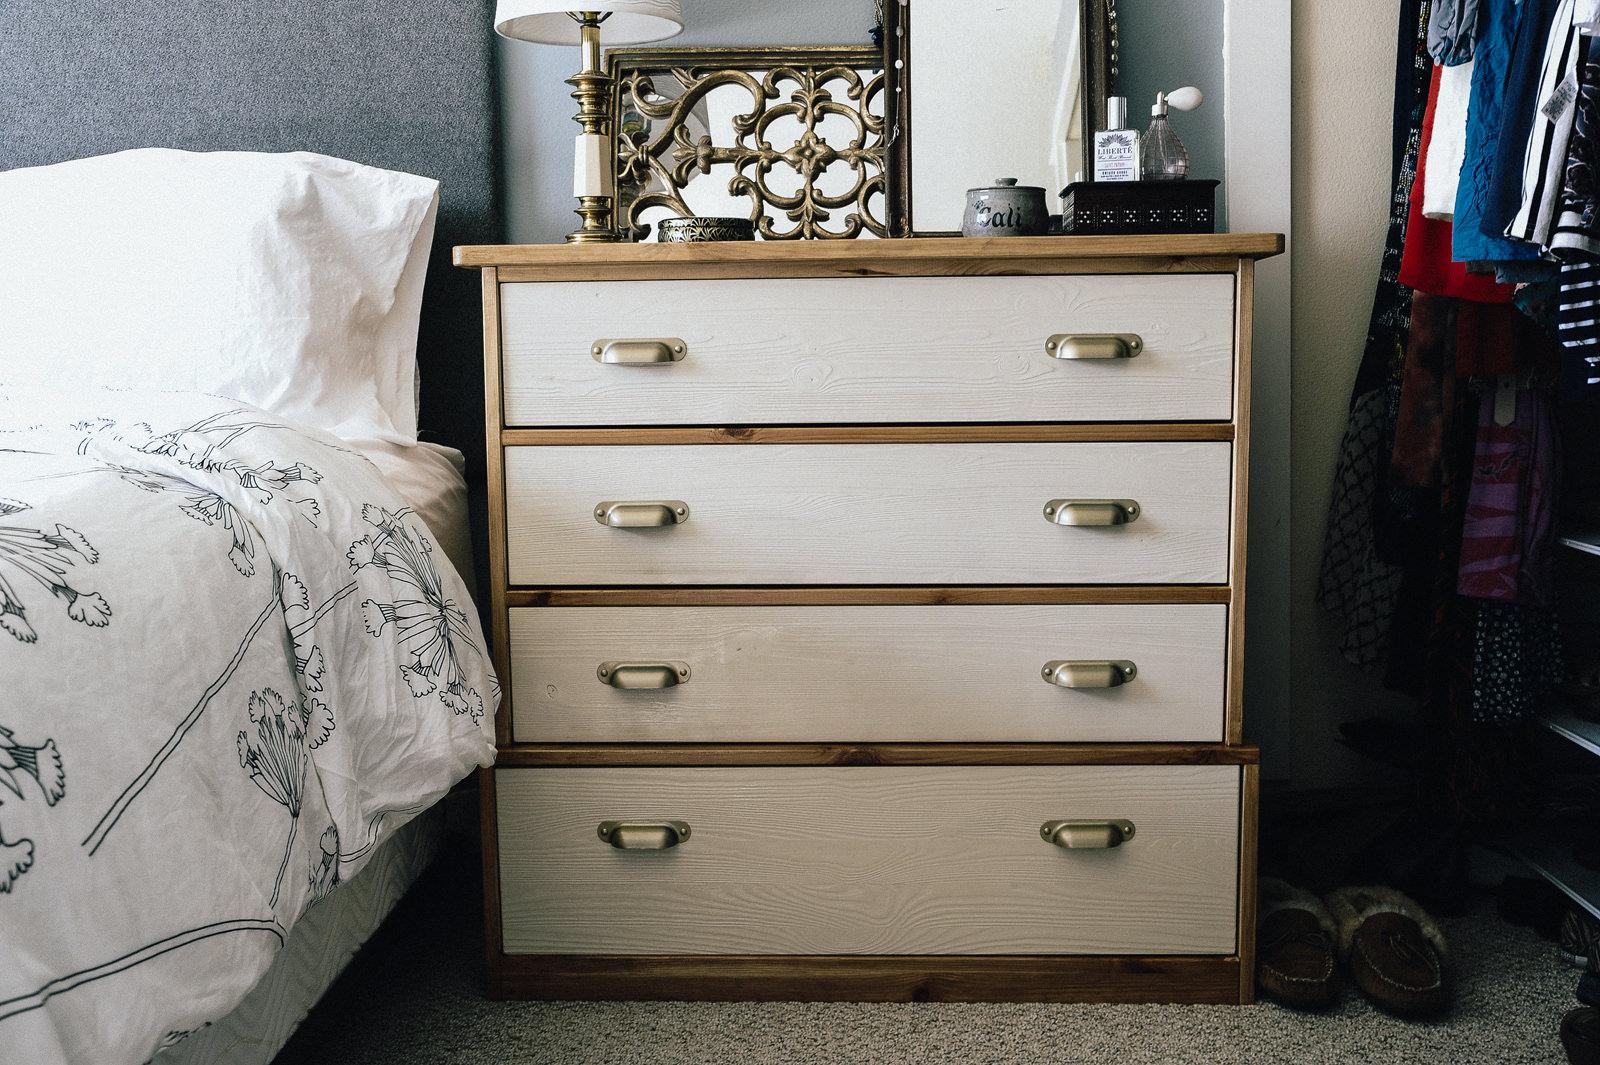 Schlafzimmer eckschrank kaufen: schlafzimmer eckschrank in ...